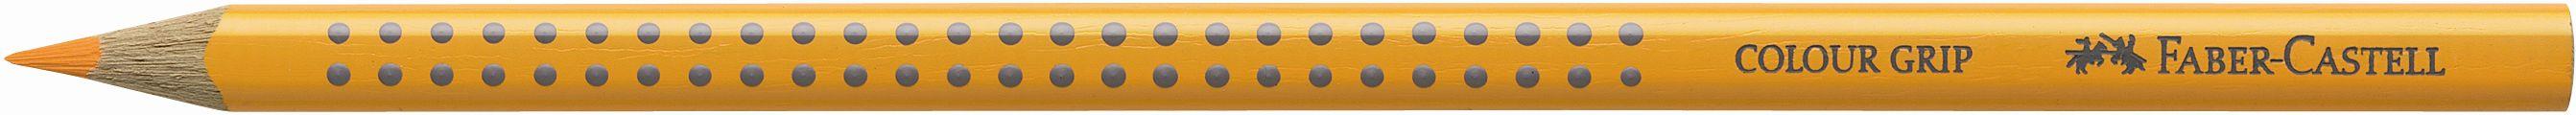 Pastelka Color Grip / 109 tmavá chromová žlutá Faber Castell - Akvarelové pastelky Faber Castell - Akvarelové pastelky